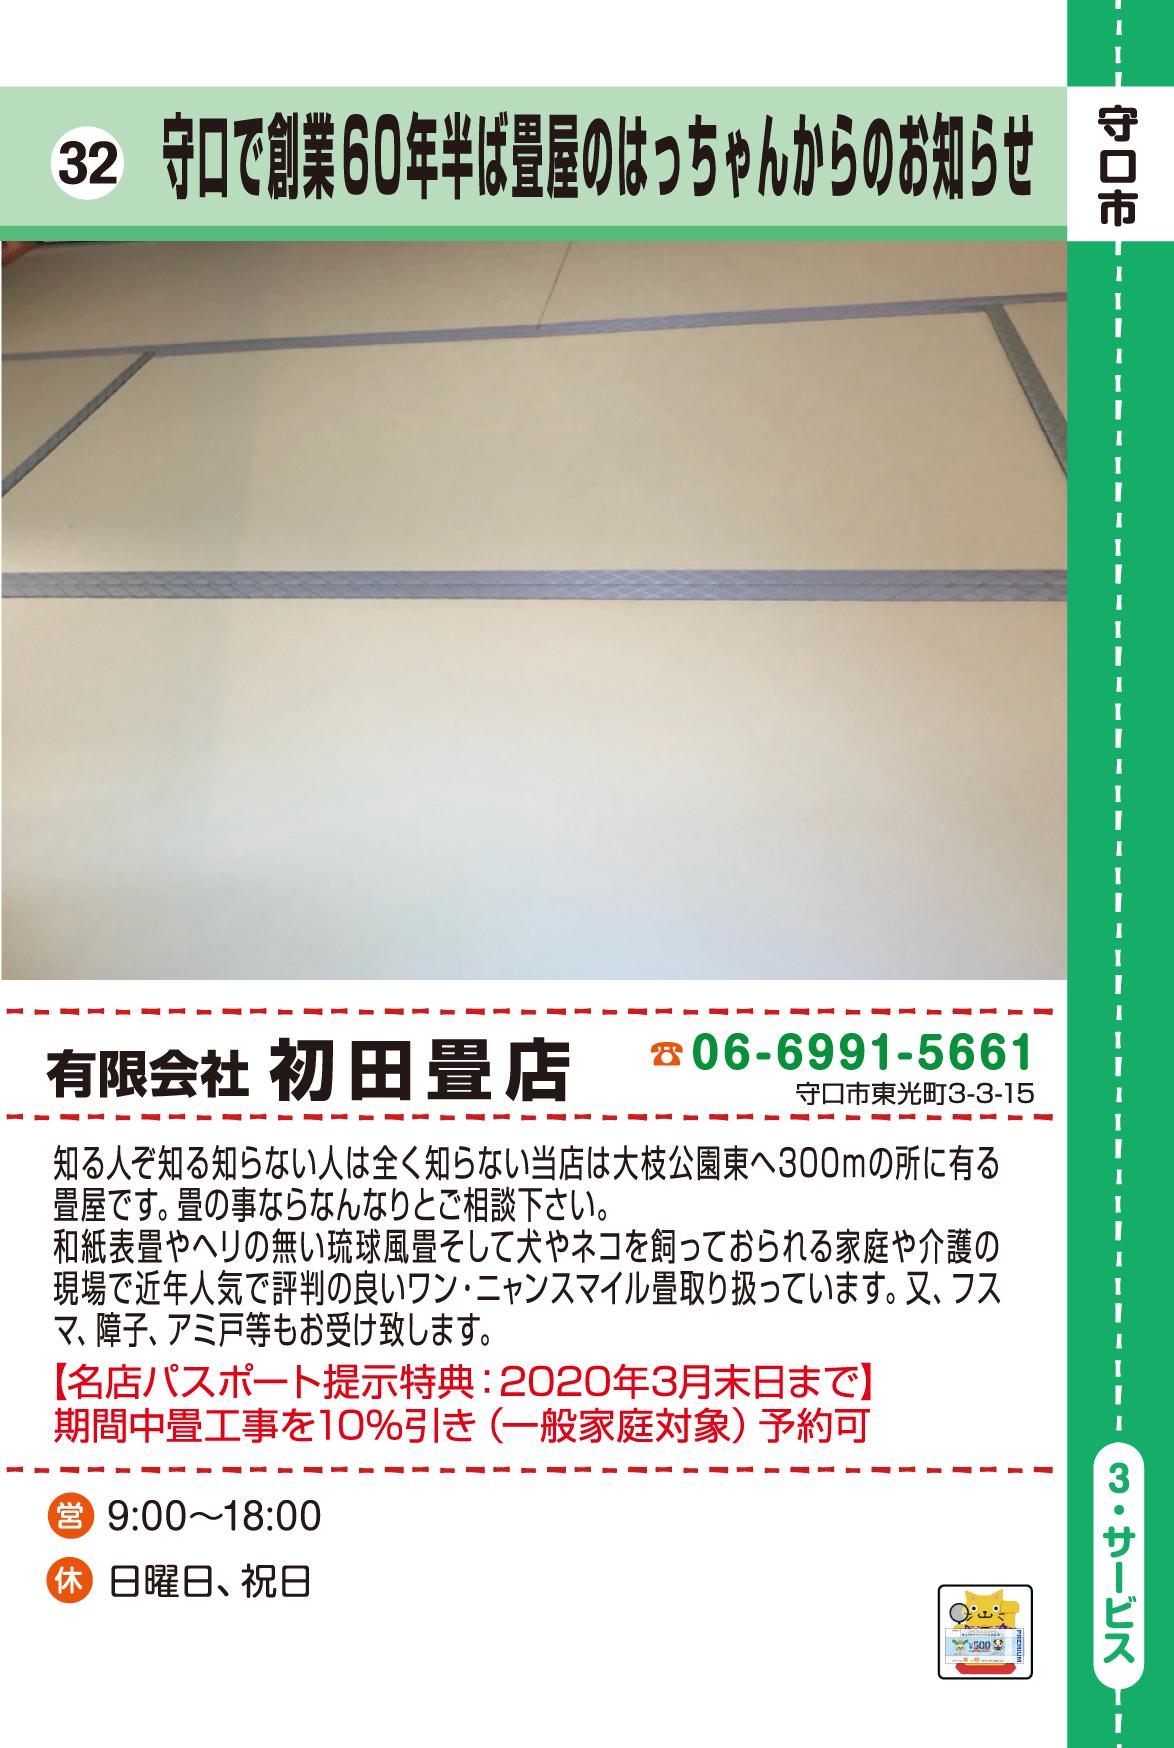 有限会社初田畳店